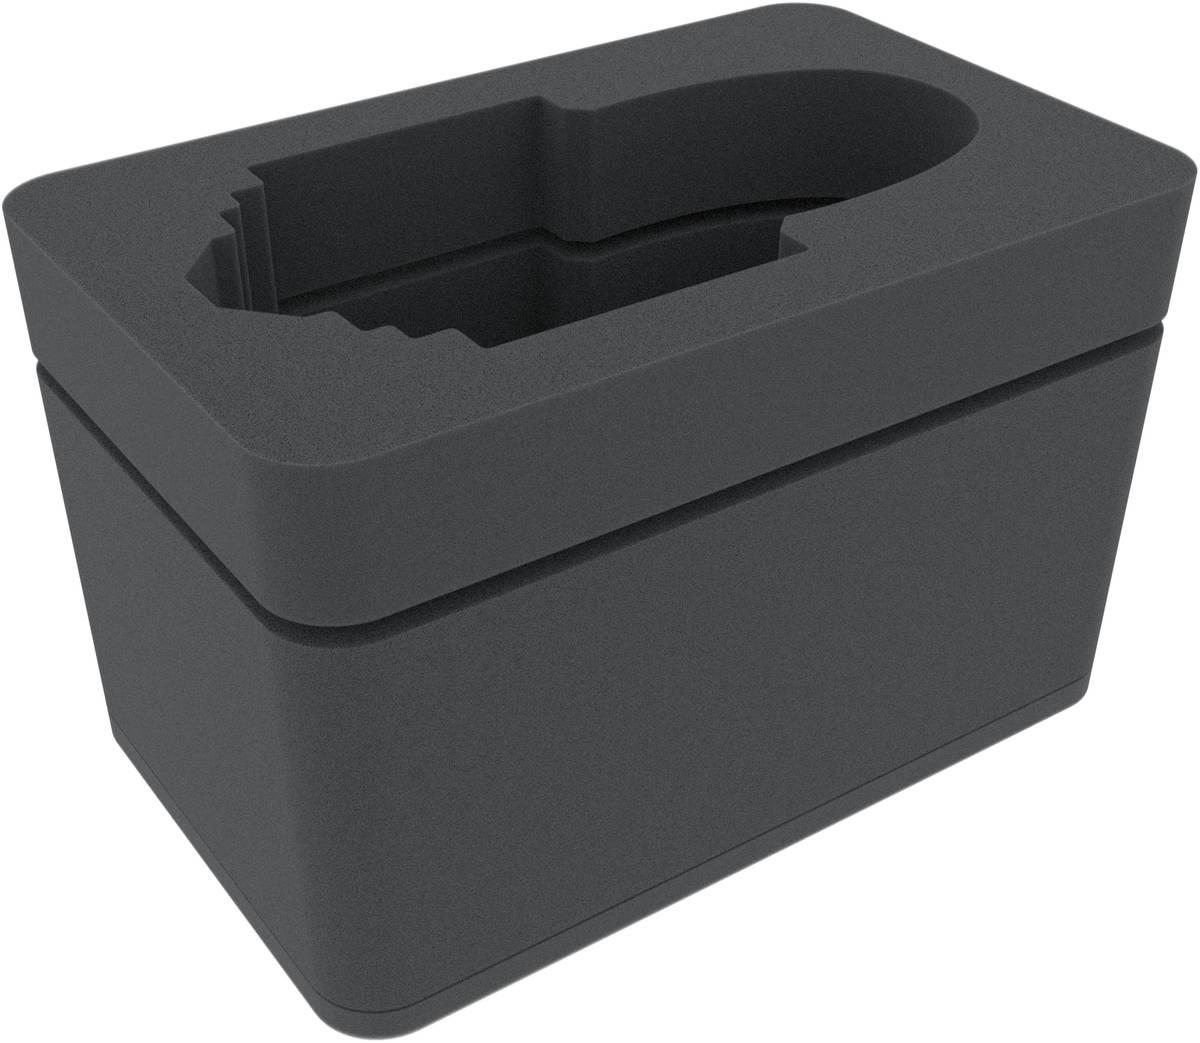 Feldherr foam tray set for Doomsday Ark